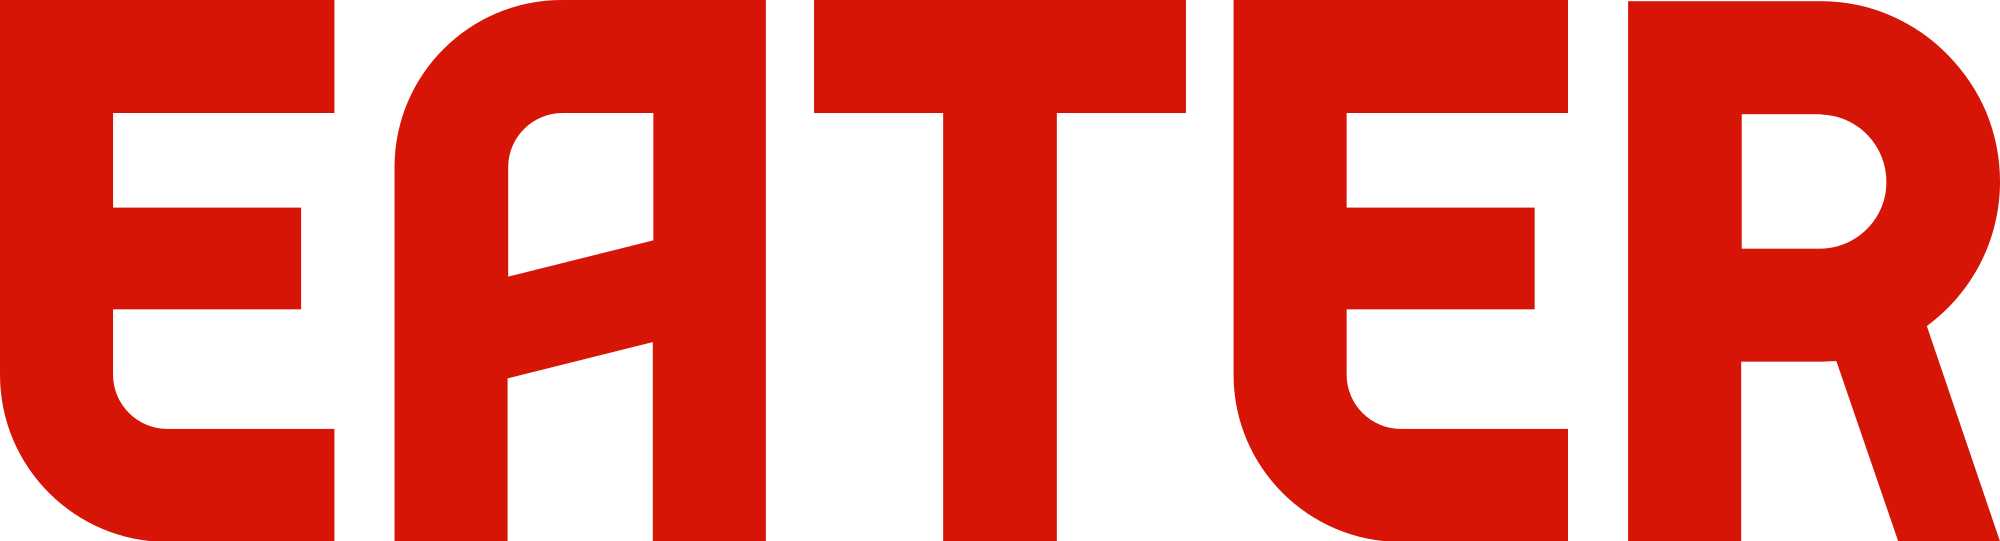 Eater_logo.svg